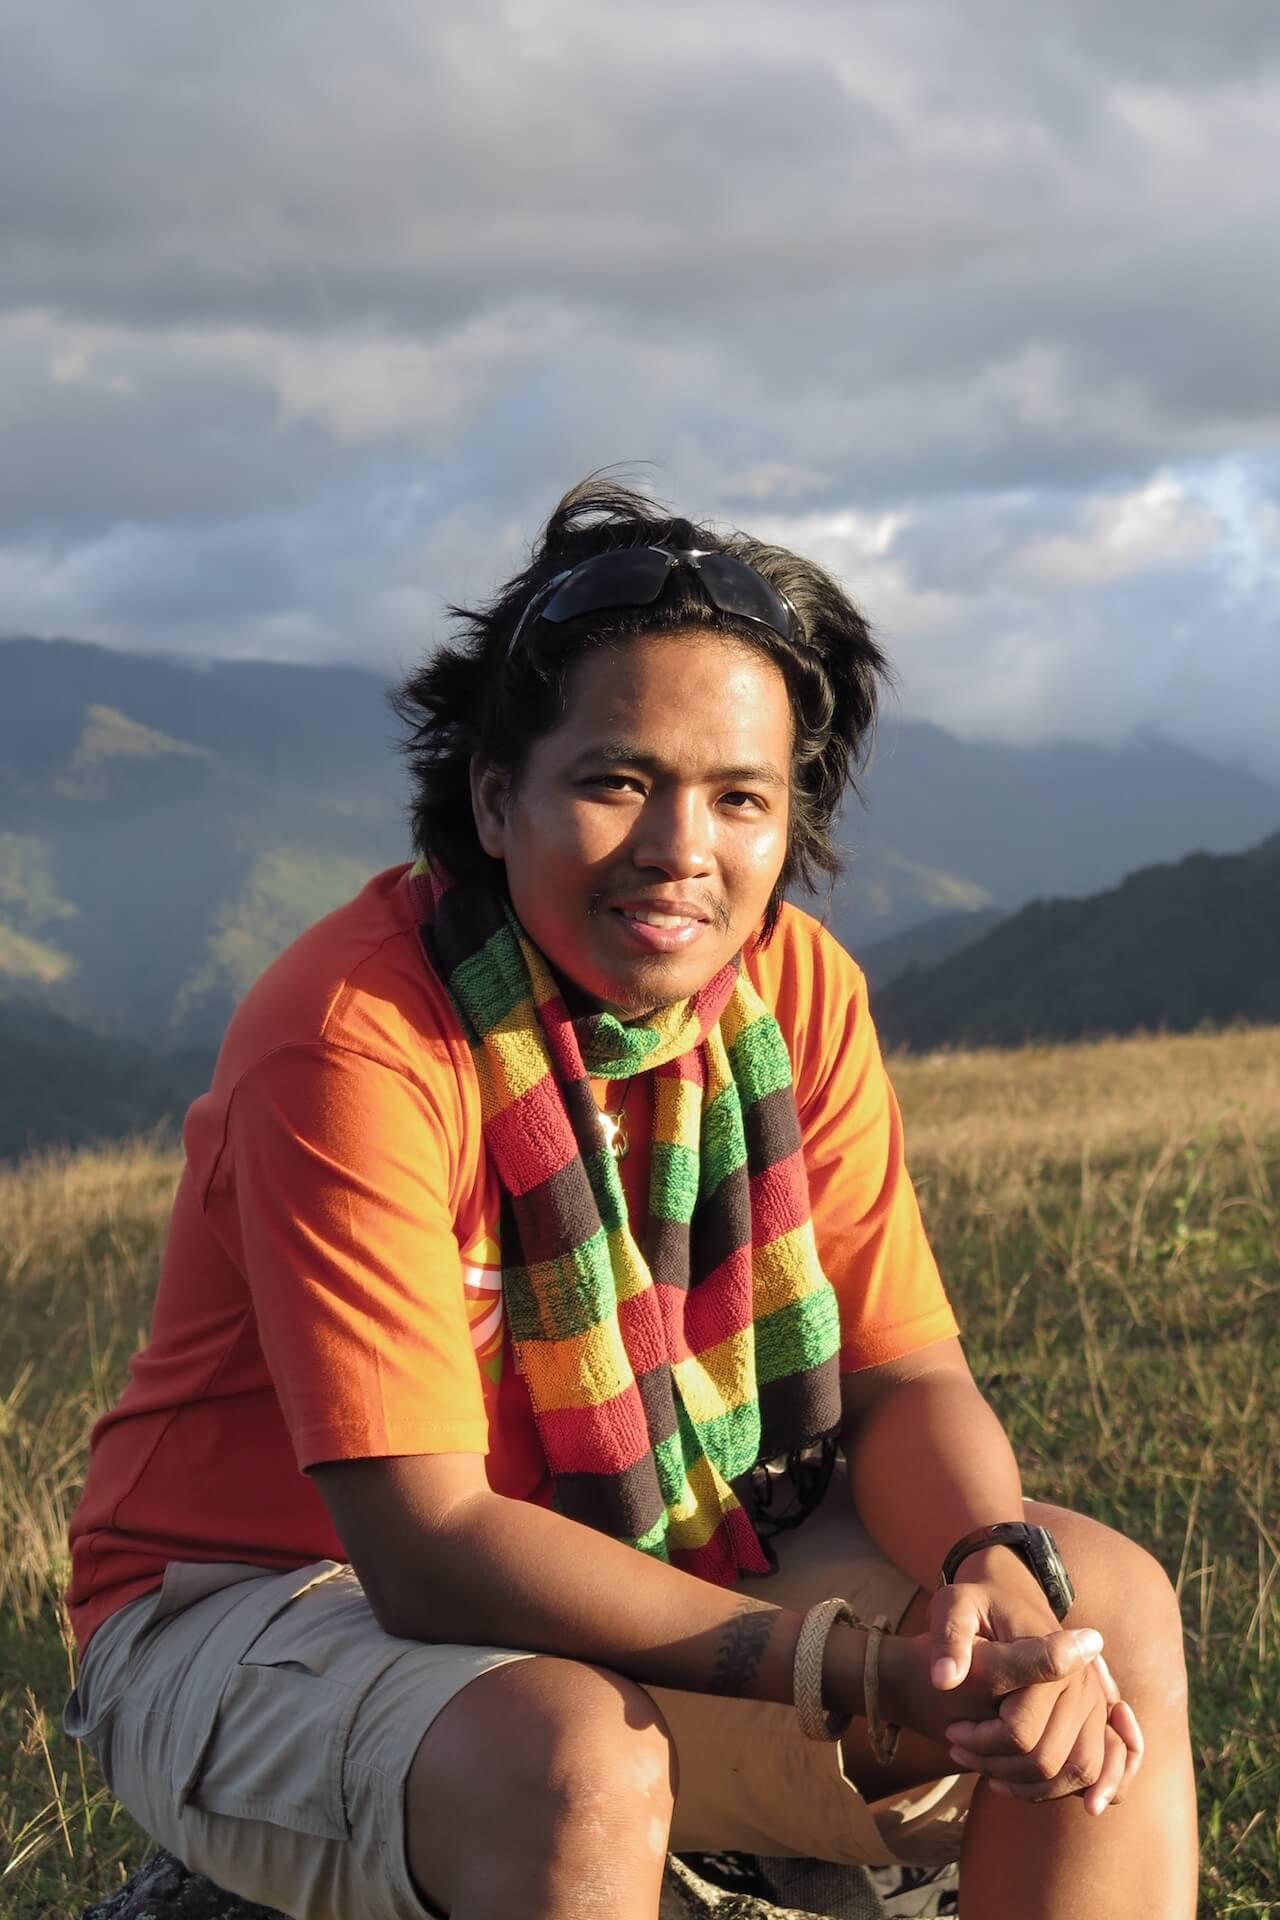 Lester Valle, director of Walang Rape Sa Bontok